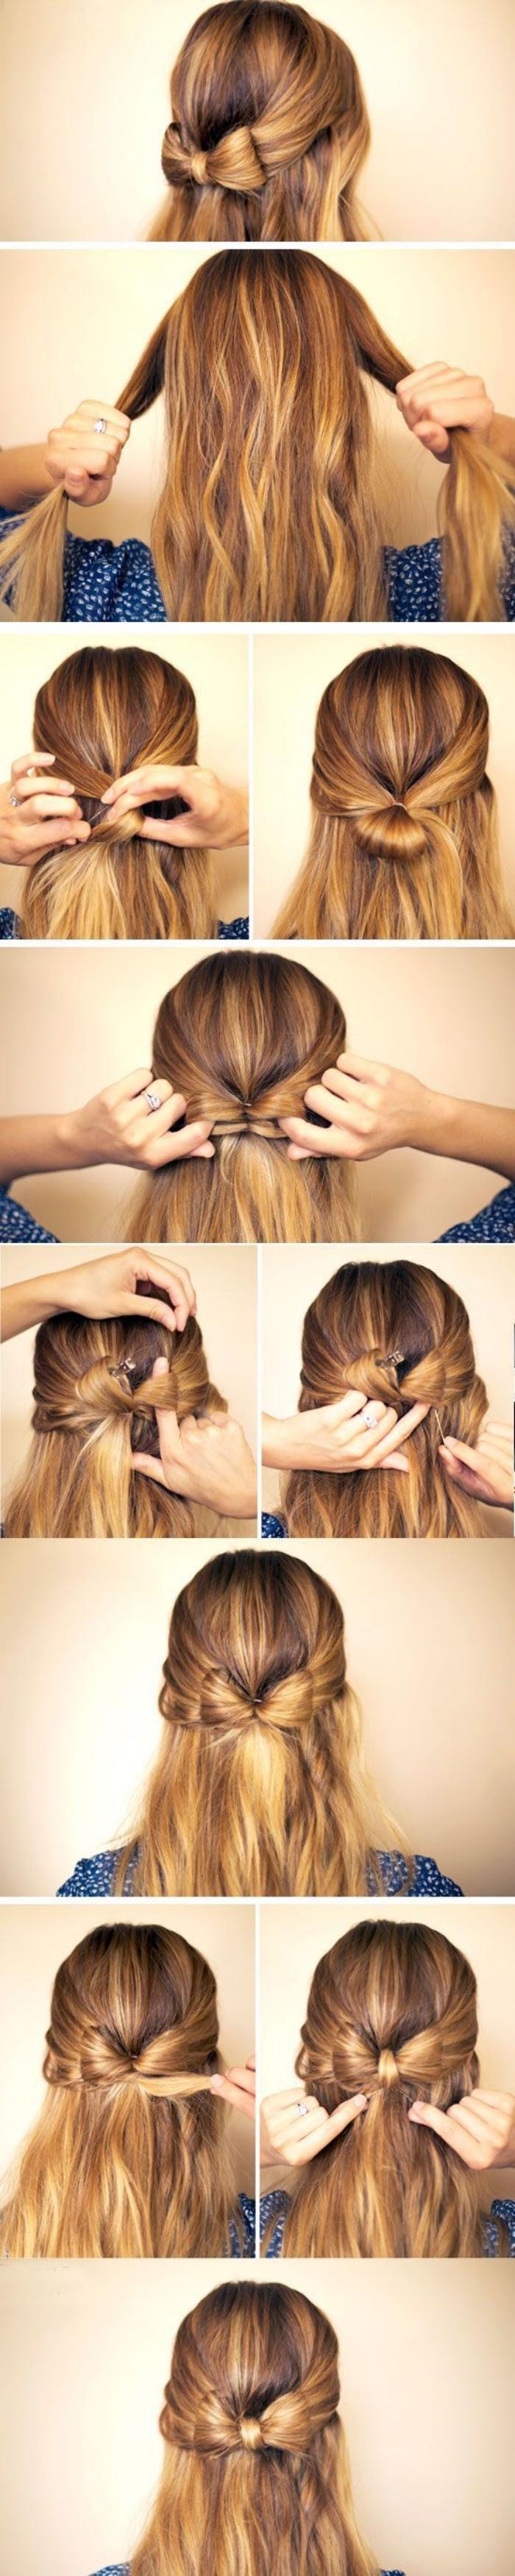 idée de coiffure facile a faire, mèches de devant entrelacées dans un noeud de papillon simple, cheveux lâchés